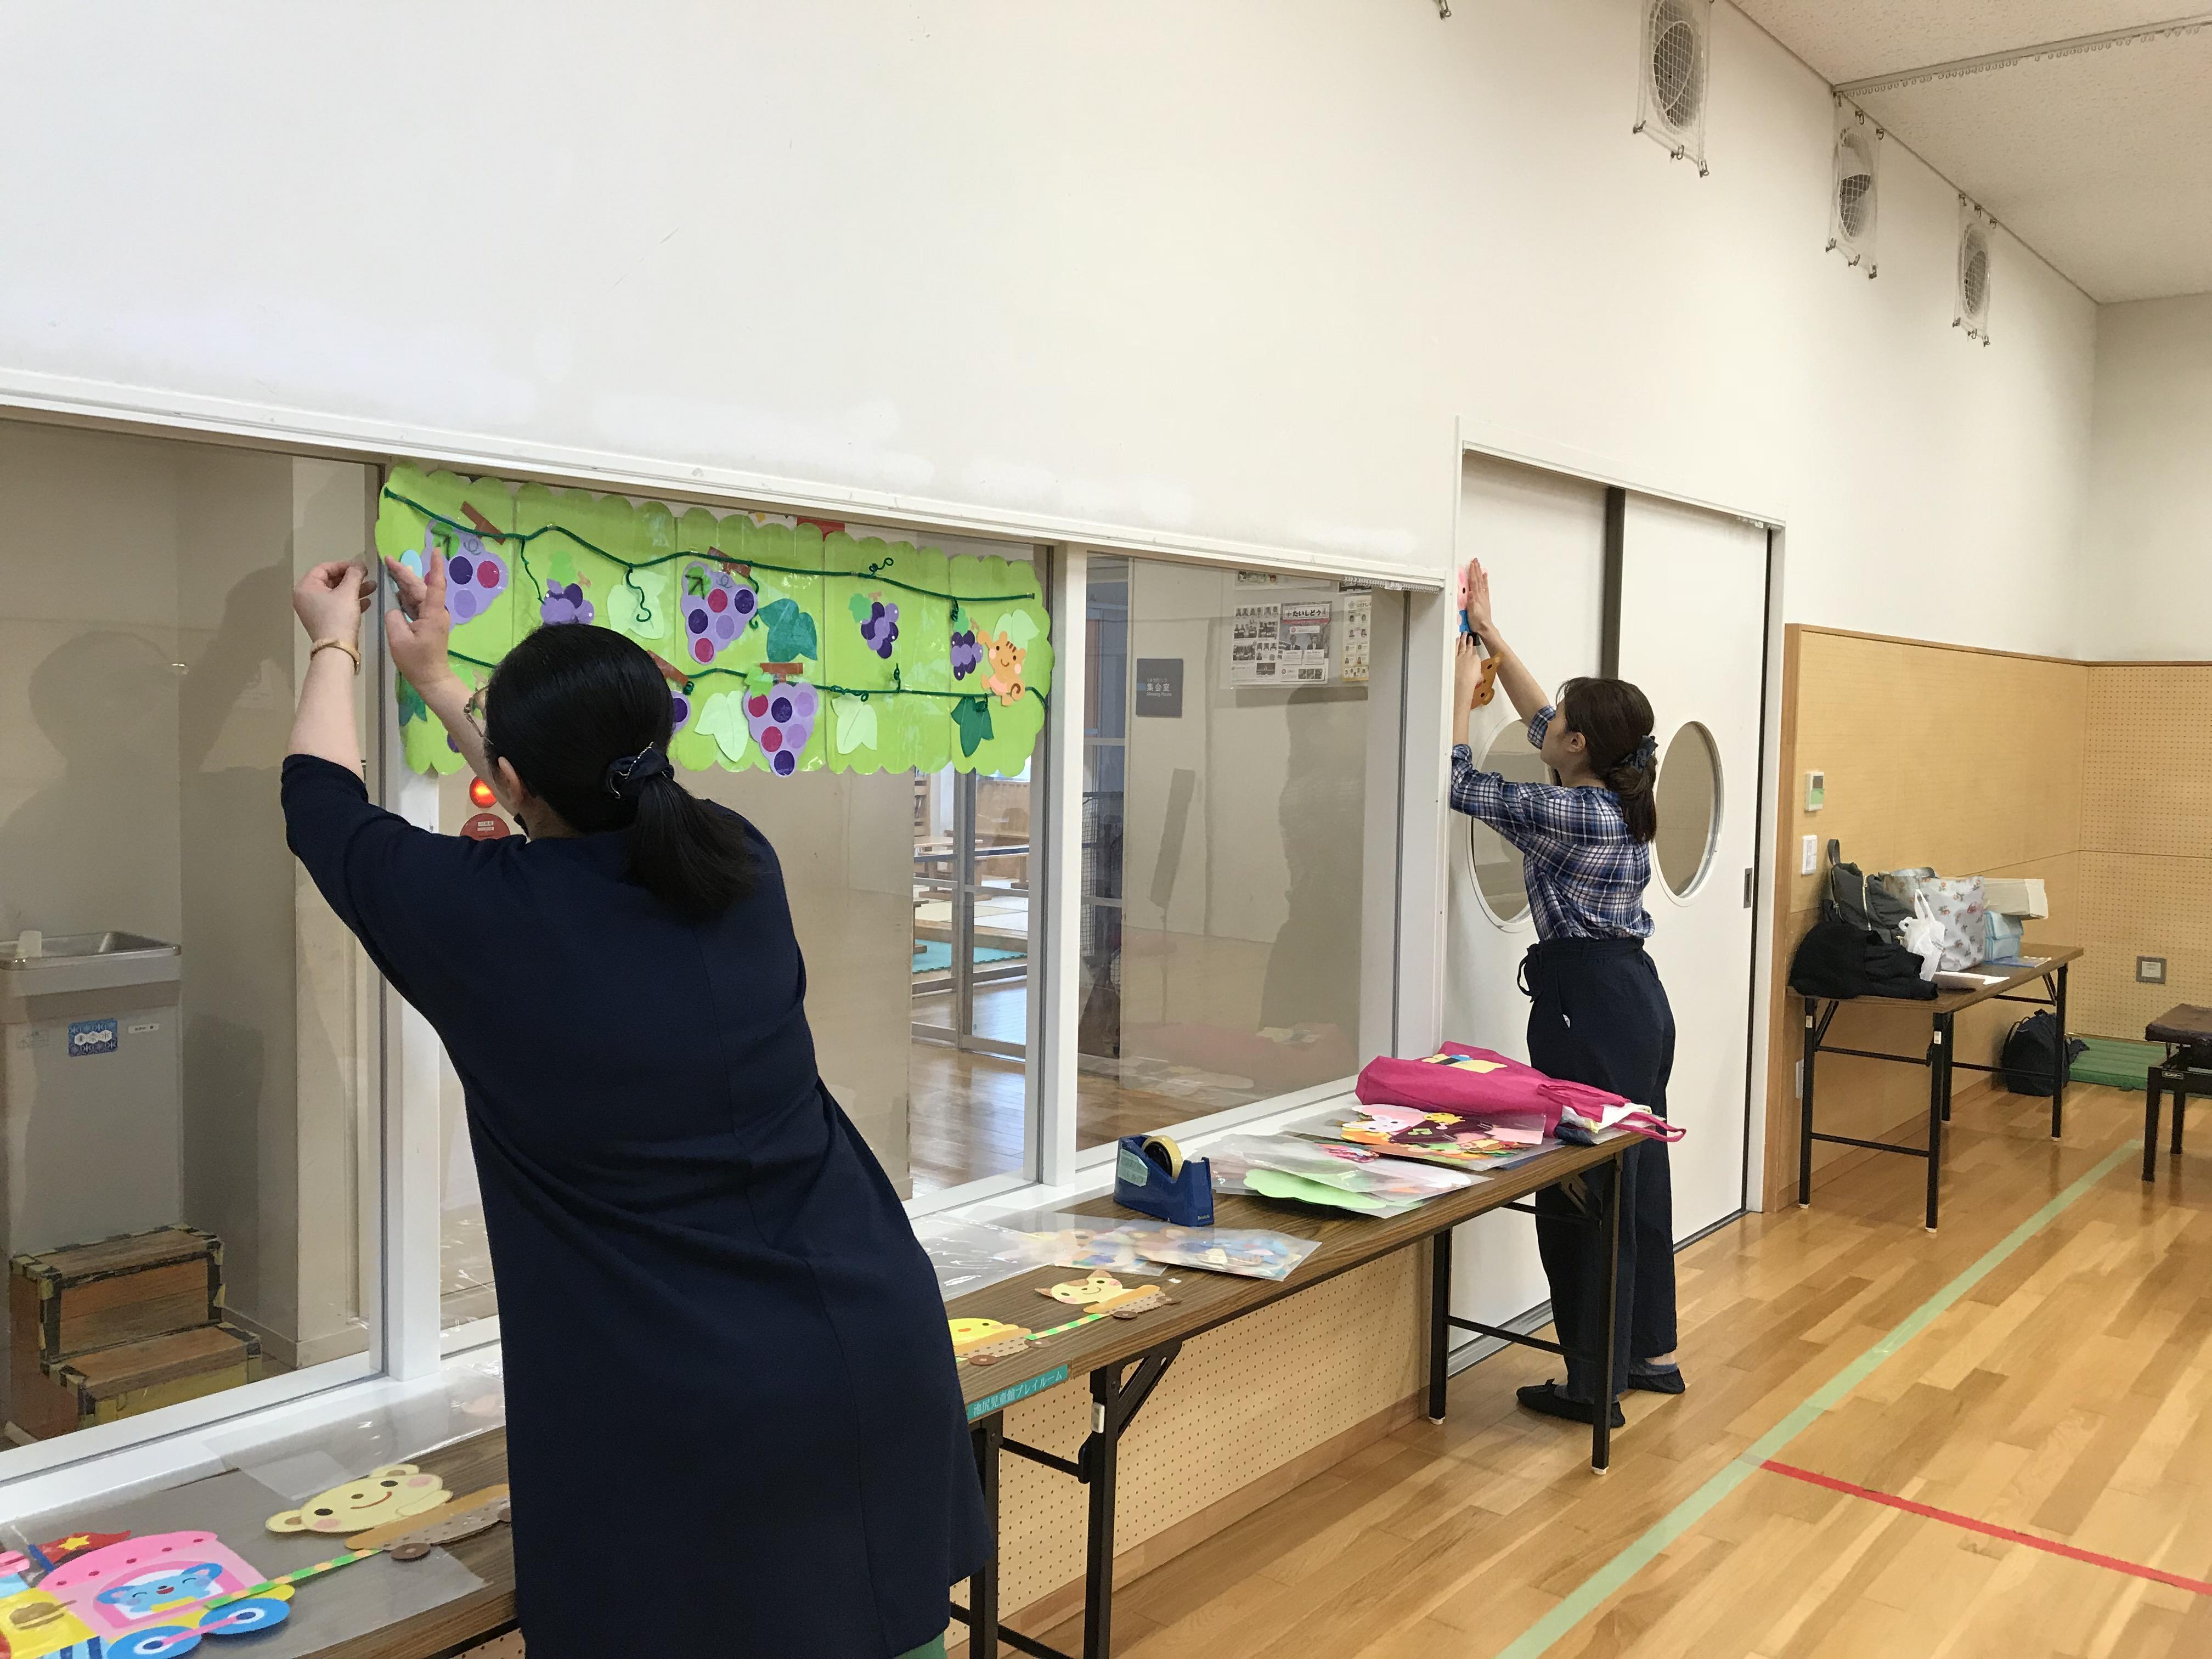 壁面装飾準備を進める様子。ピアノ伴奏を担当する先生と現場実習生の姿が写っています。